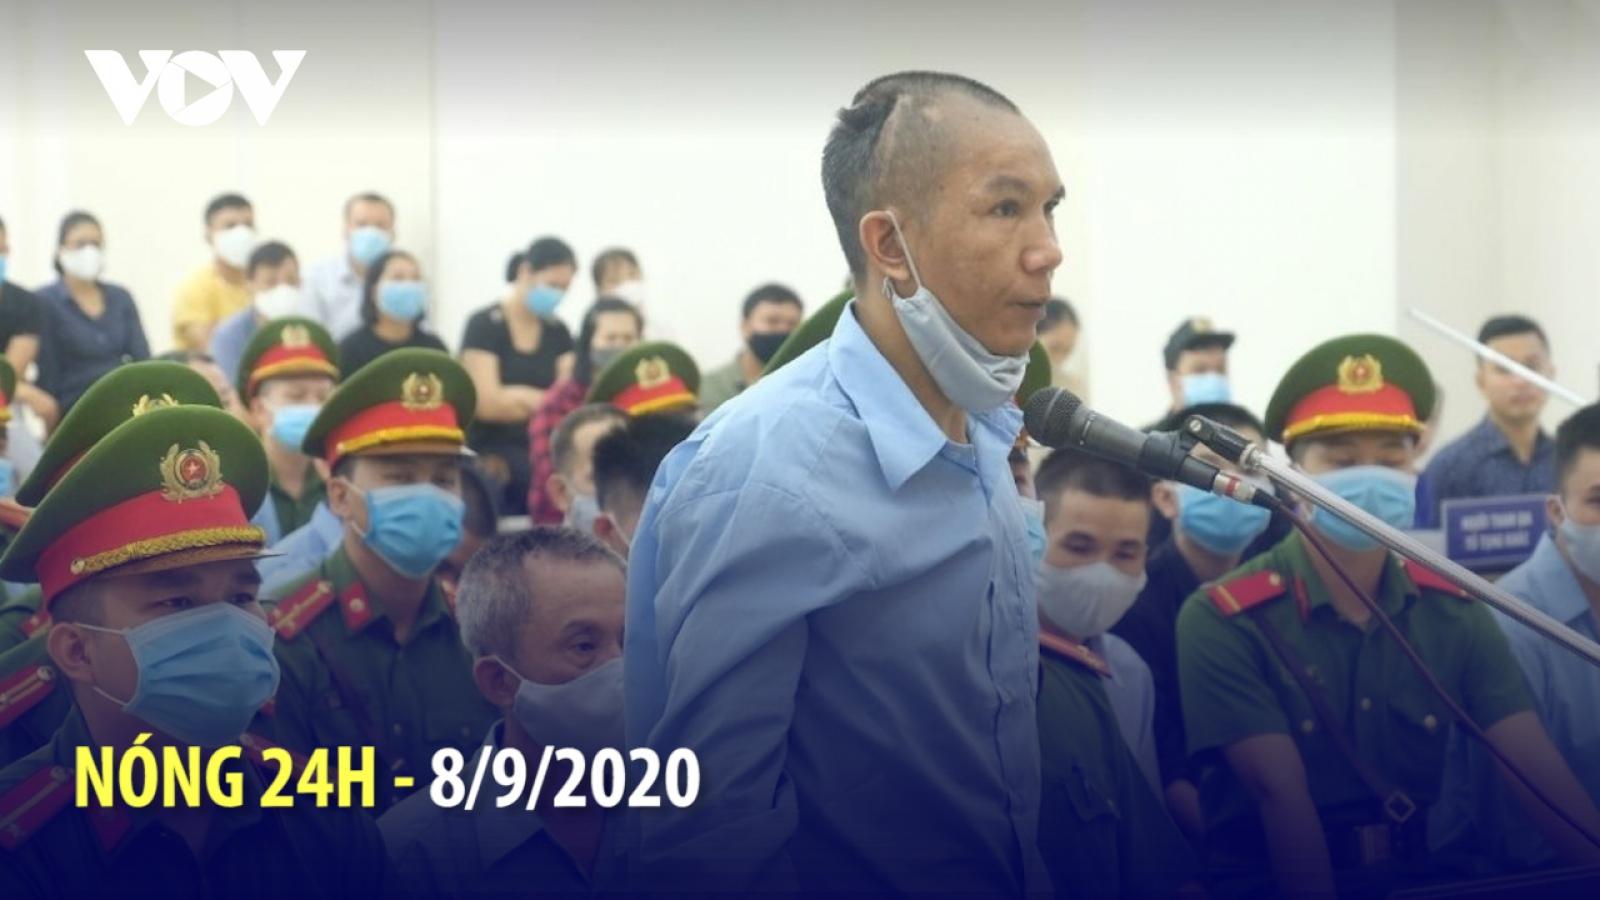 Nóng 24h: Bị cáo vụ Đồng Tâm xin lỗi 3 gia đình chiến sĩ công an hy sinh